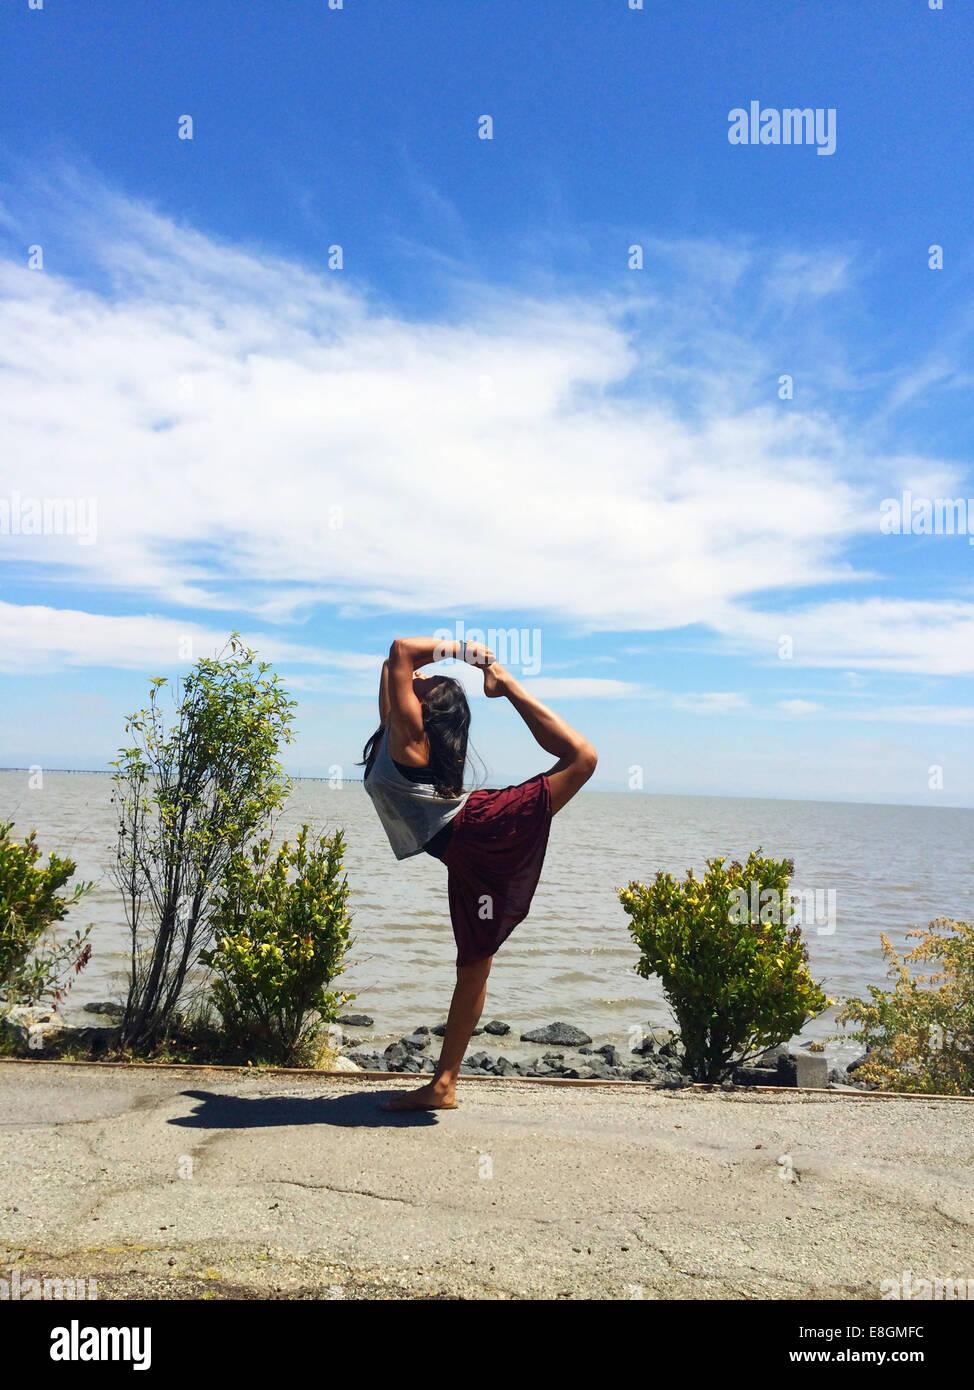 Chica haciendo arco permanente tirando yoga plantean en la playa Imagen De Stock